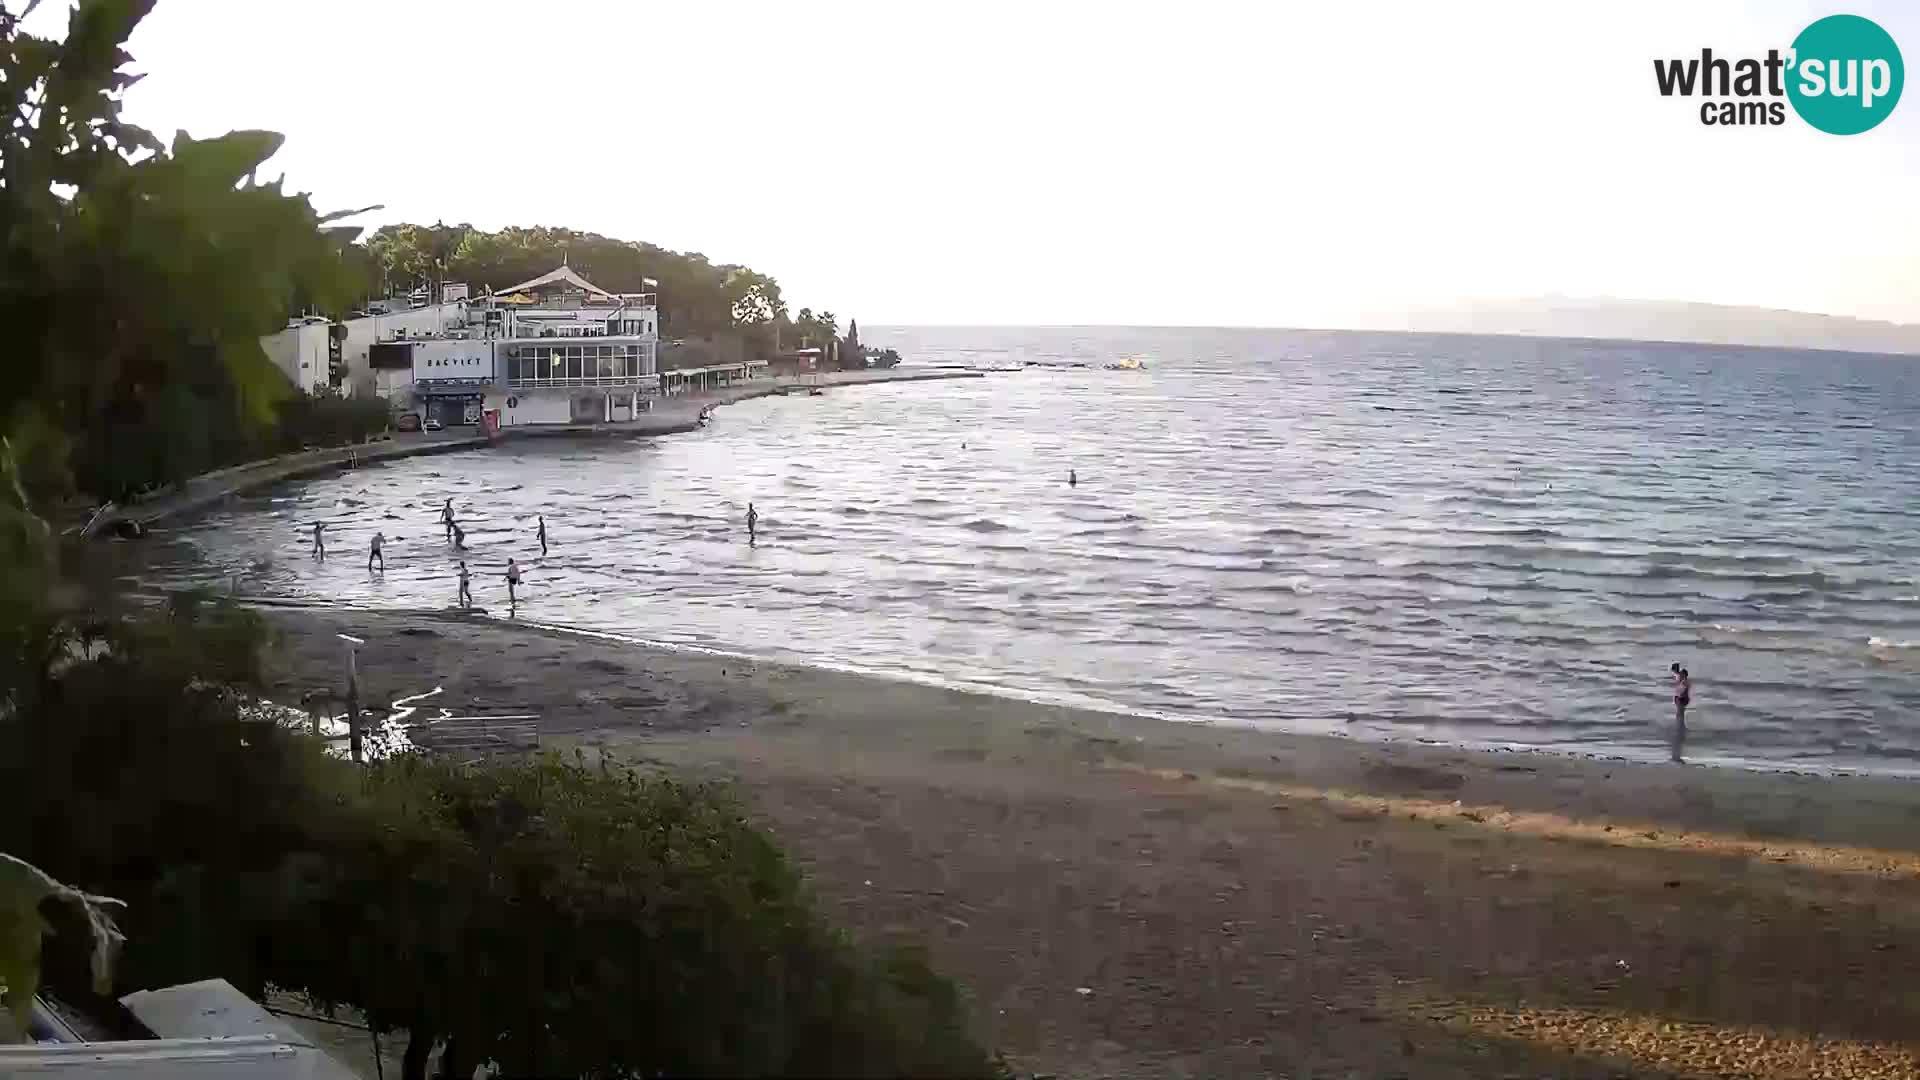 Webcam Live – Split – Bačvice beach